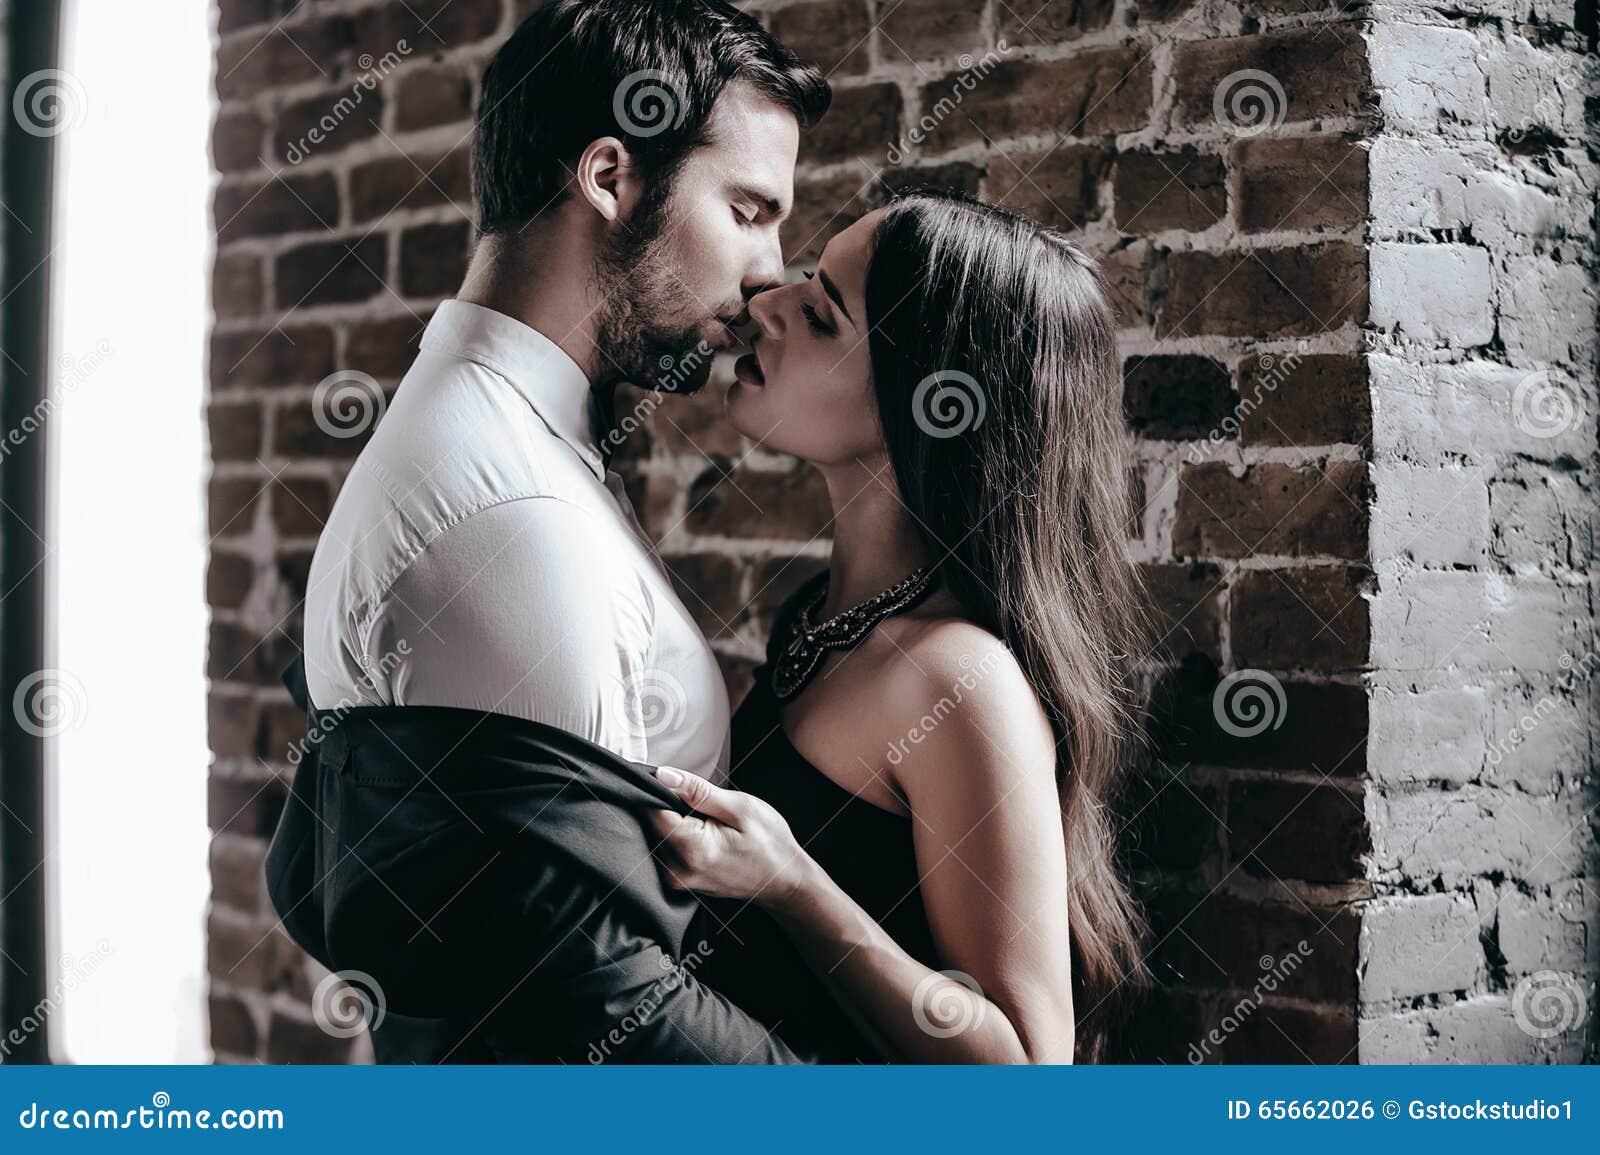 Roubando um beijo